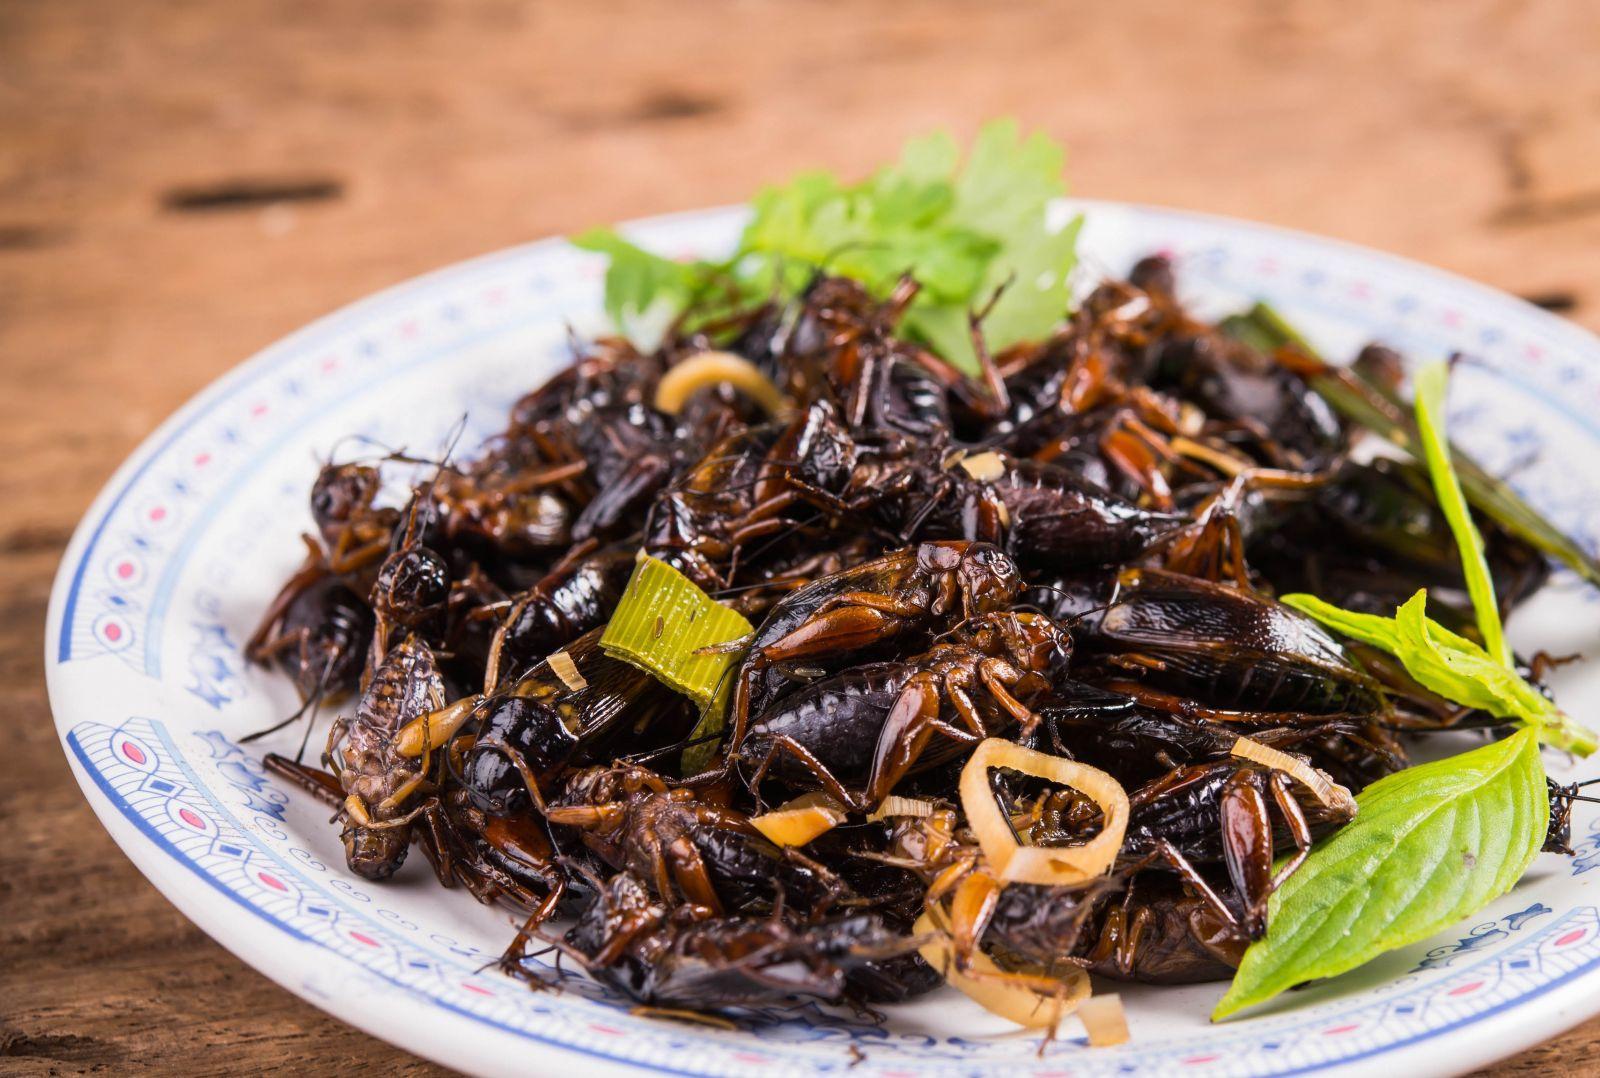 Kas yra plikų dėmių vabzdžiai. Vabzdžiai